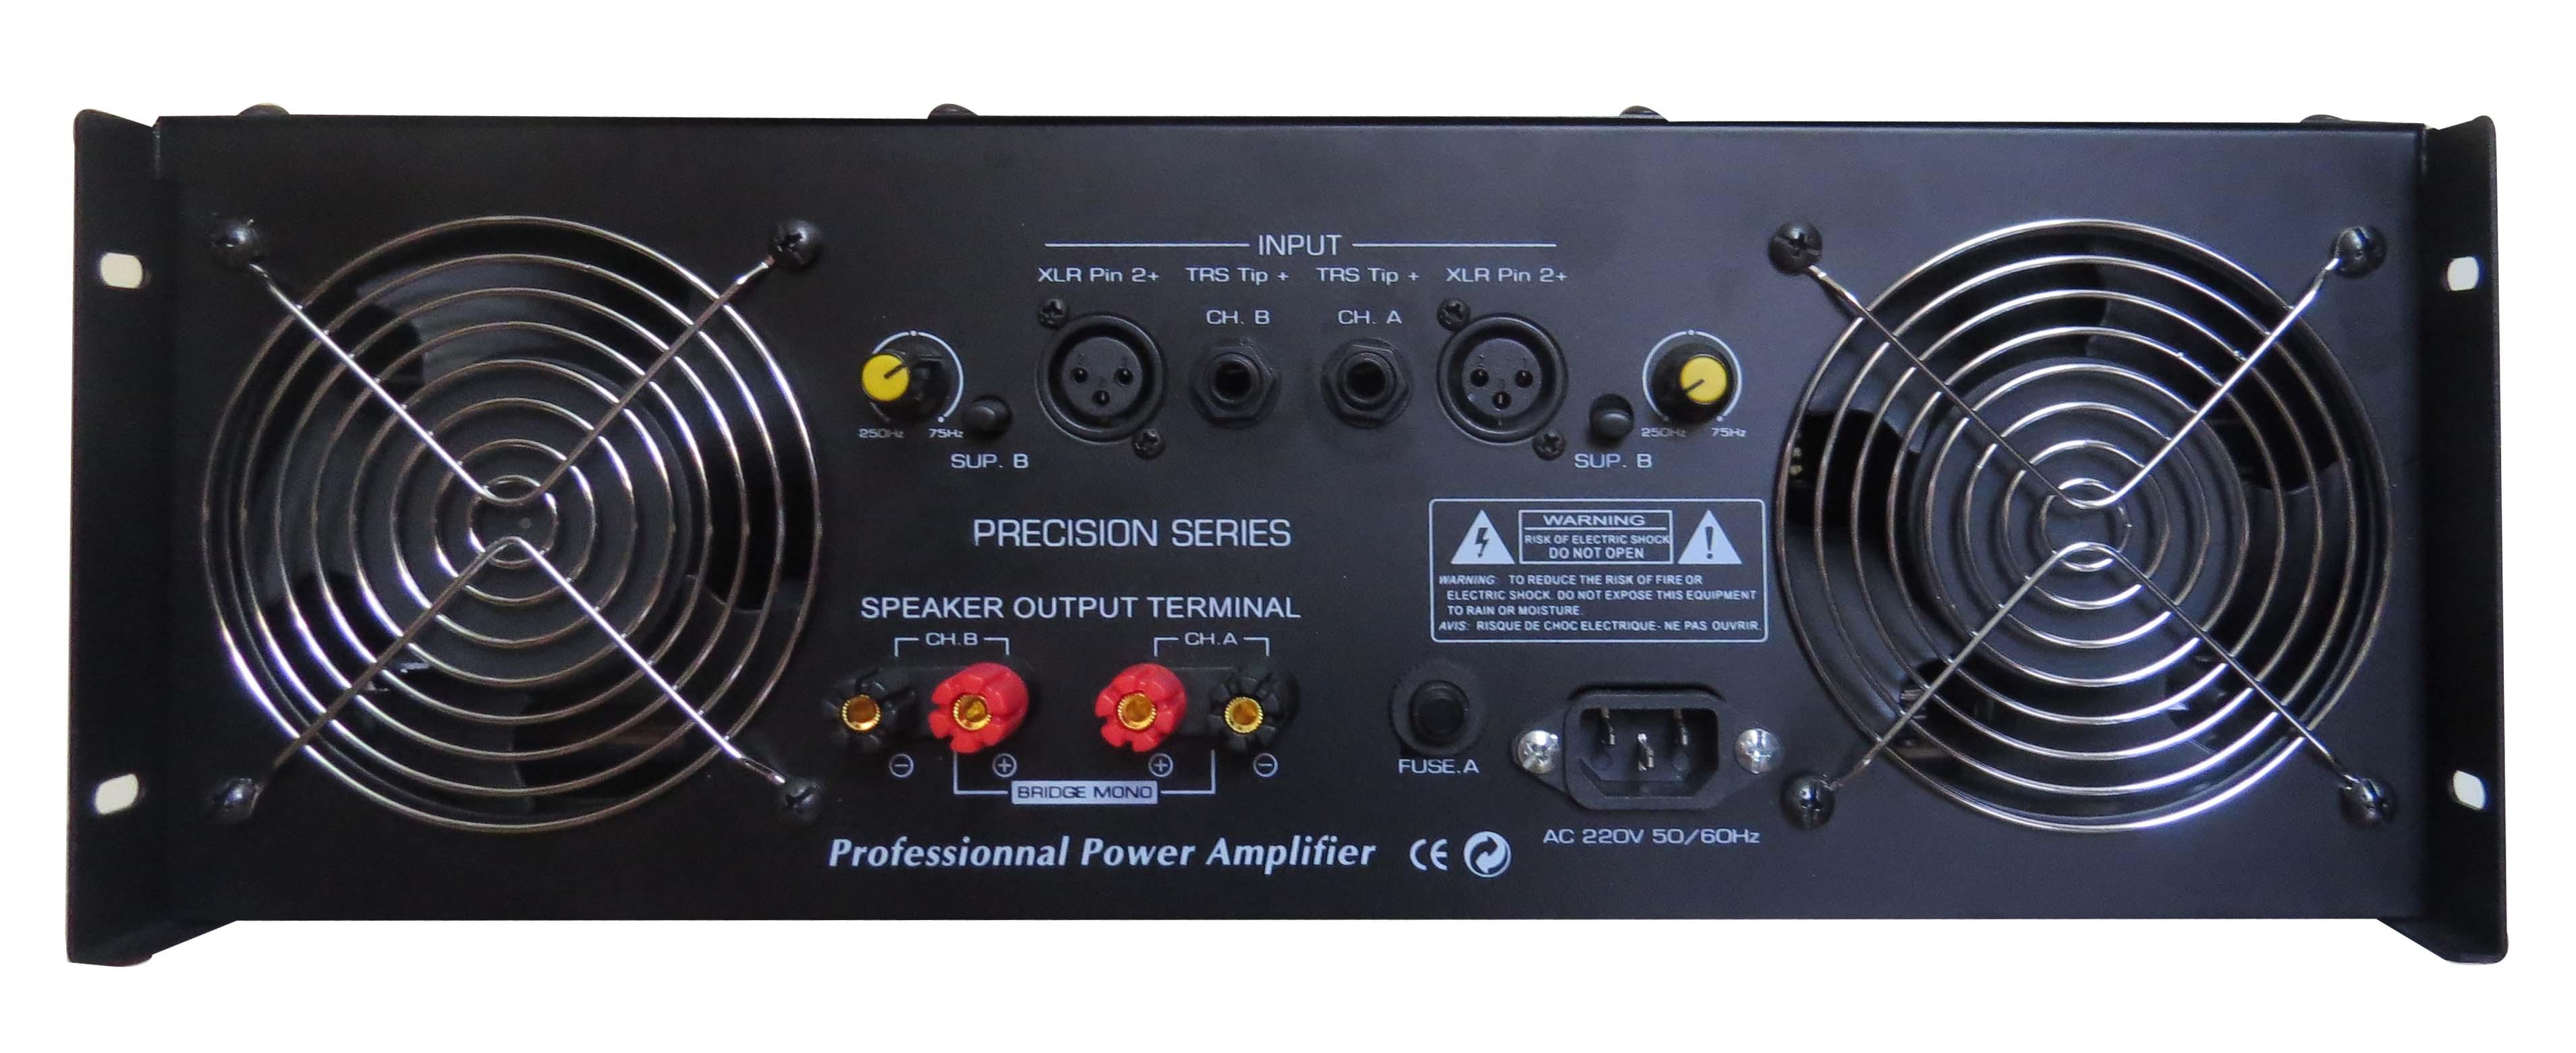 Mặt sau của cục đẩy Power VE - Ps 3600